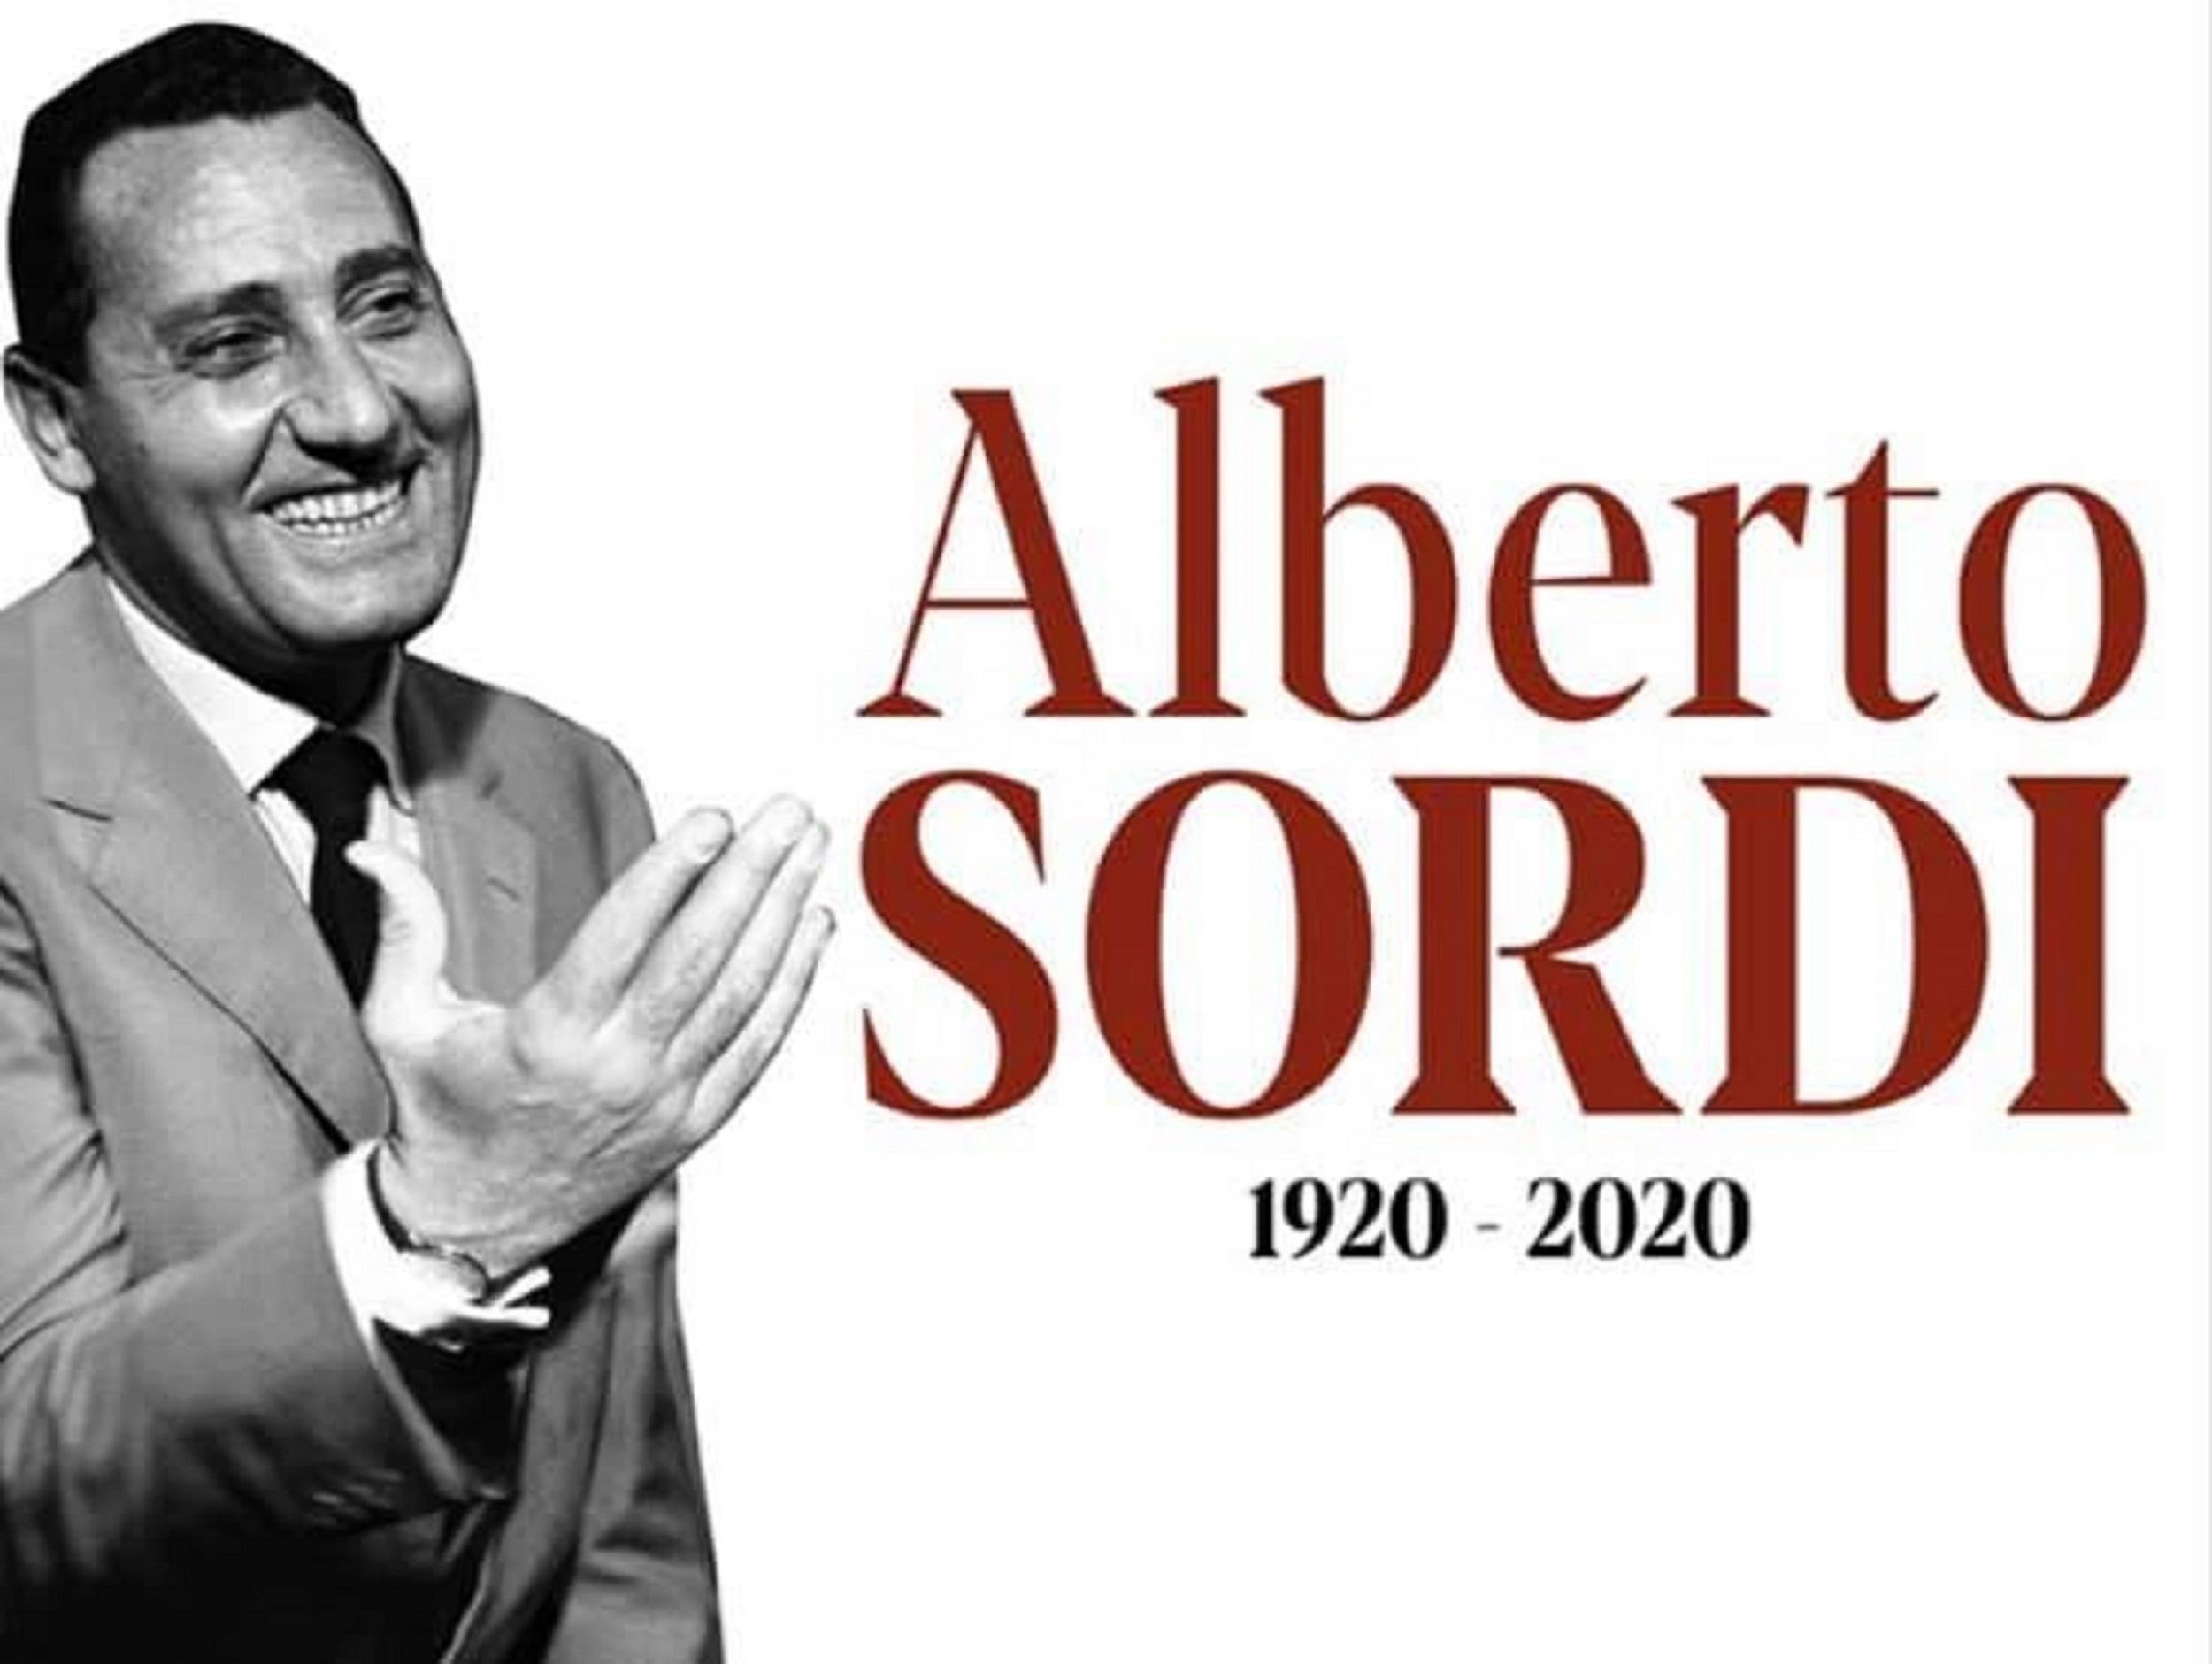 Alberto Sordi. Posticipata a settembre la grande mostra del centenario